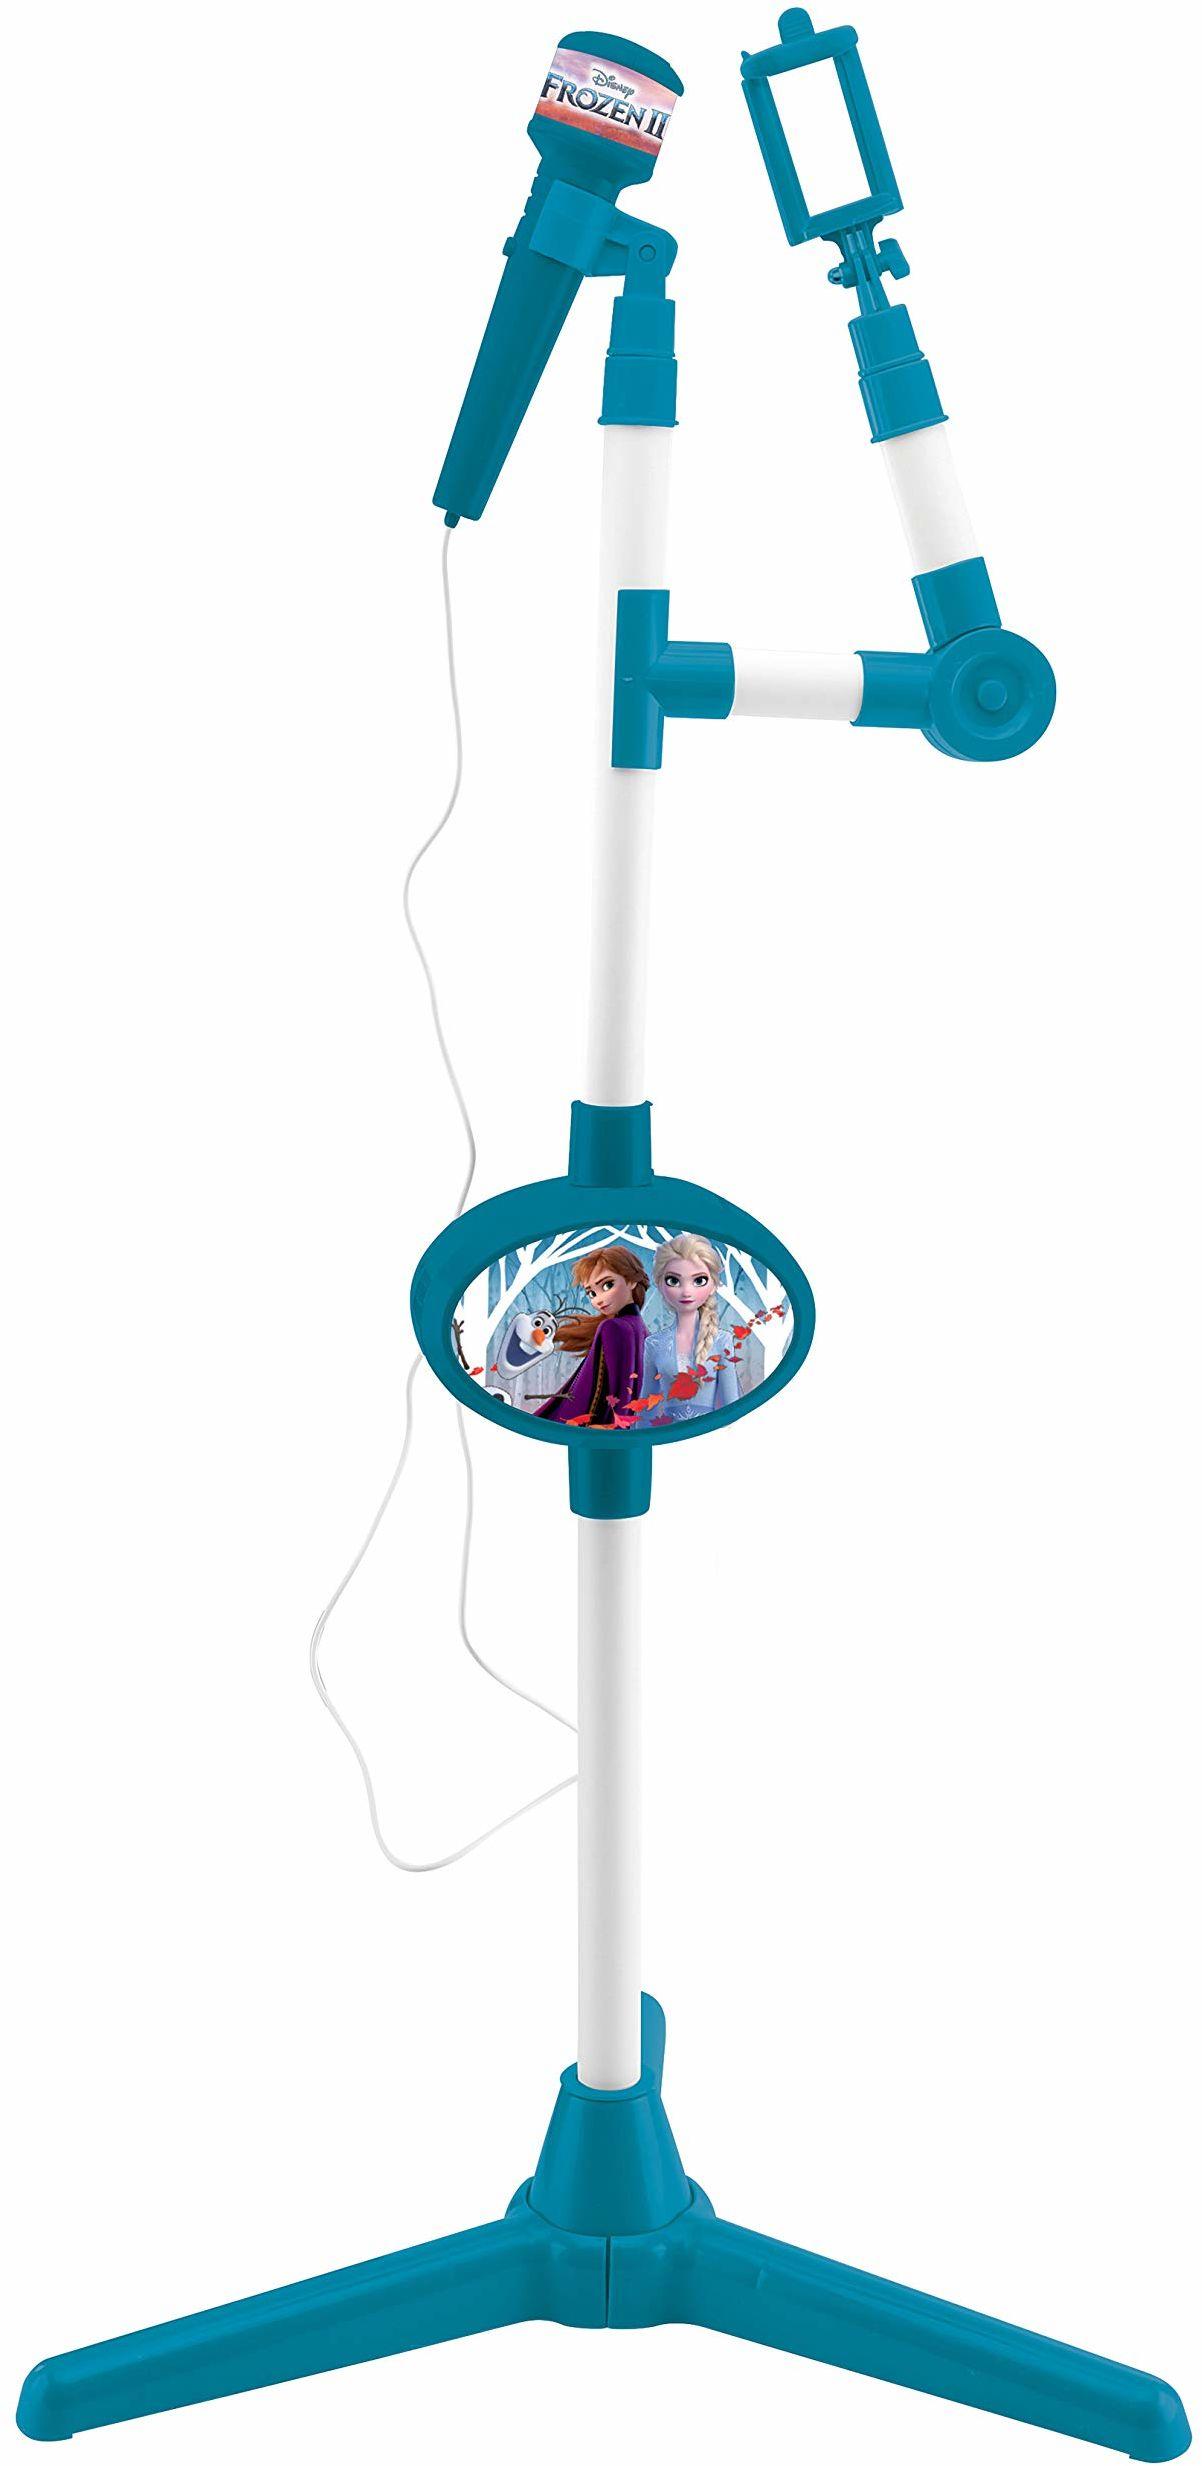 Lexibook S150FZ_50 Frozen 2 Elsa Anna Olaf mikrofon z głośnikiem i stojakiem oświetleniowym, gniazdo pomocnicze do podłączenia muzyki, niebieski/fioletowy